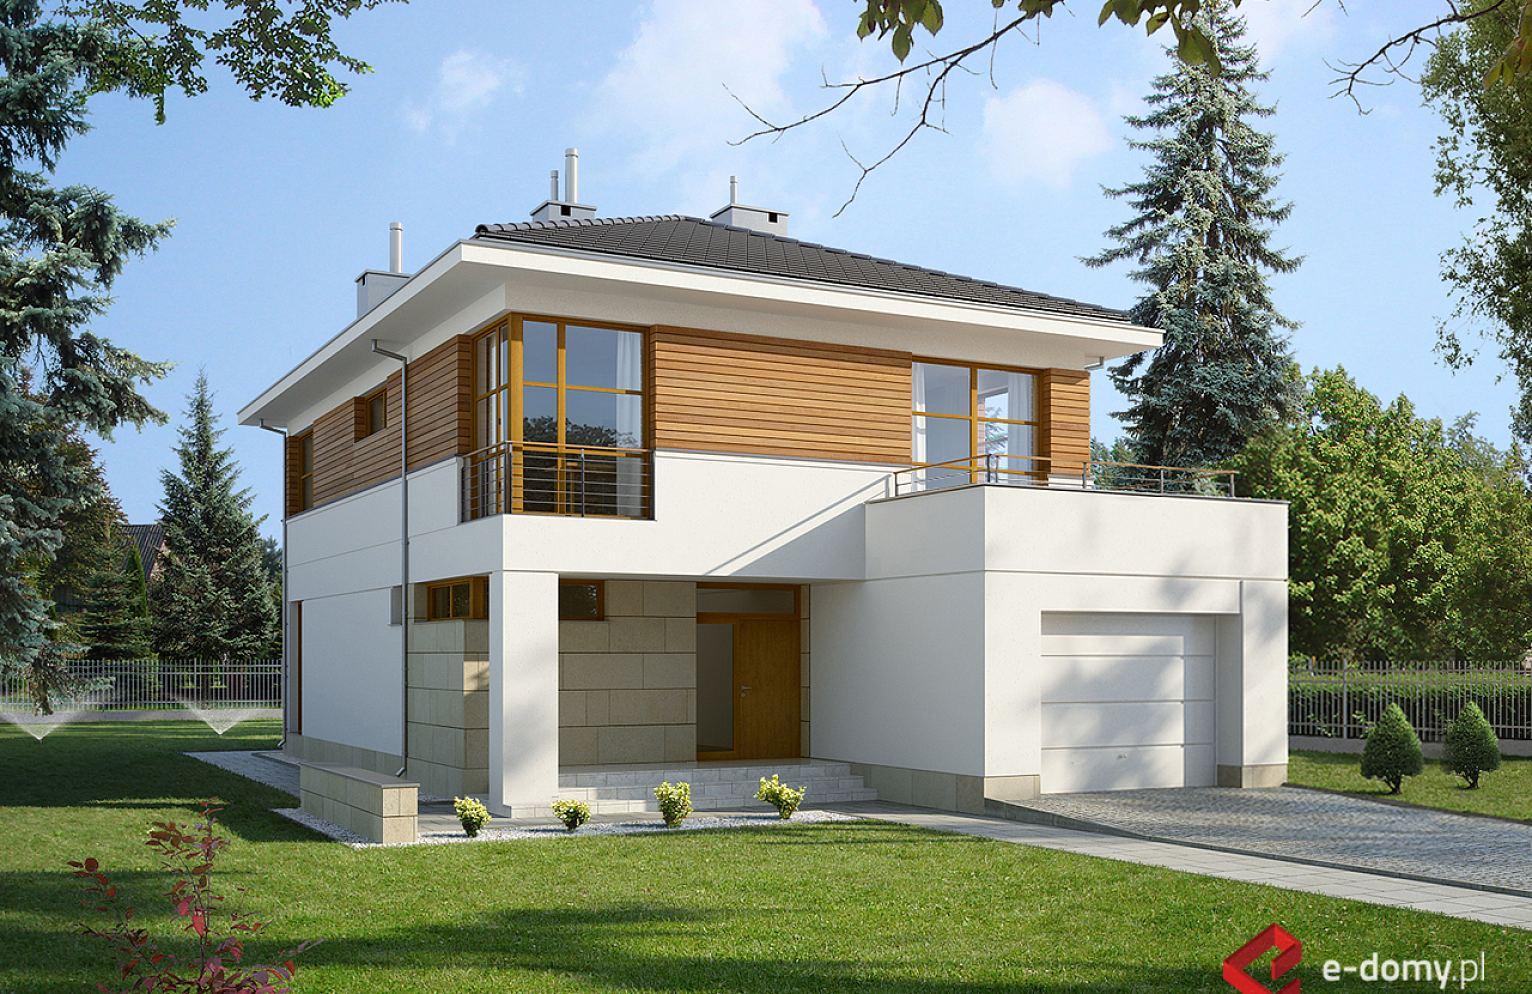 E 139 Dom Piętrowy Na Wąską Działkę E Domypl Projekty Domów